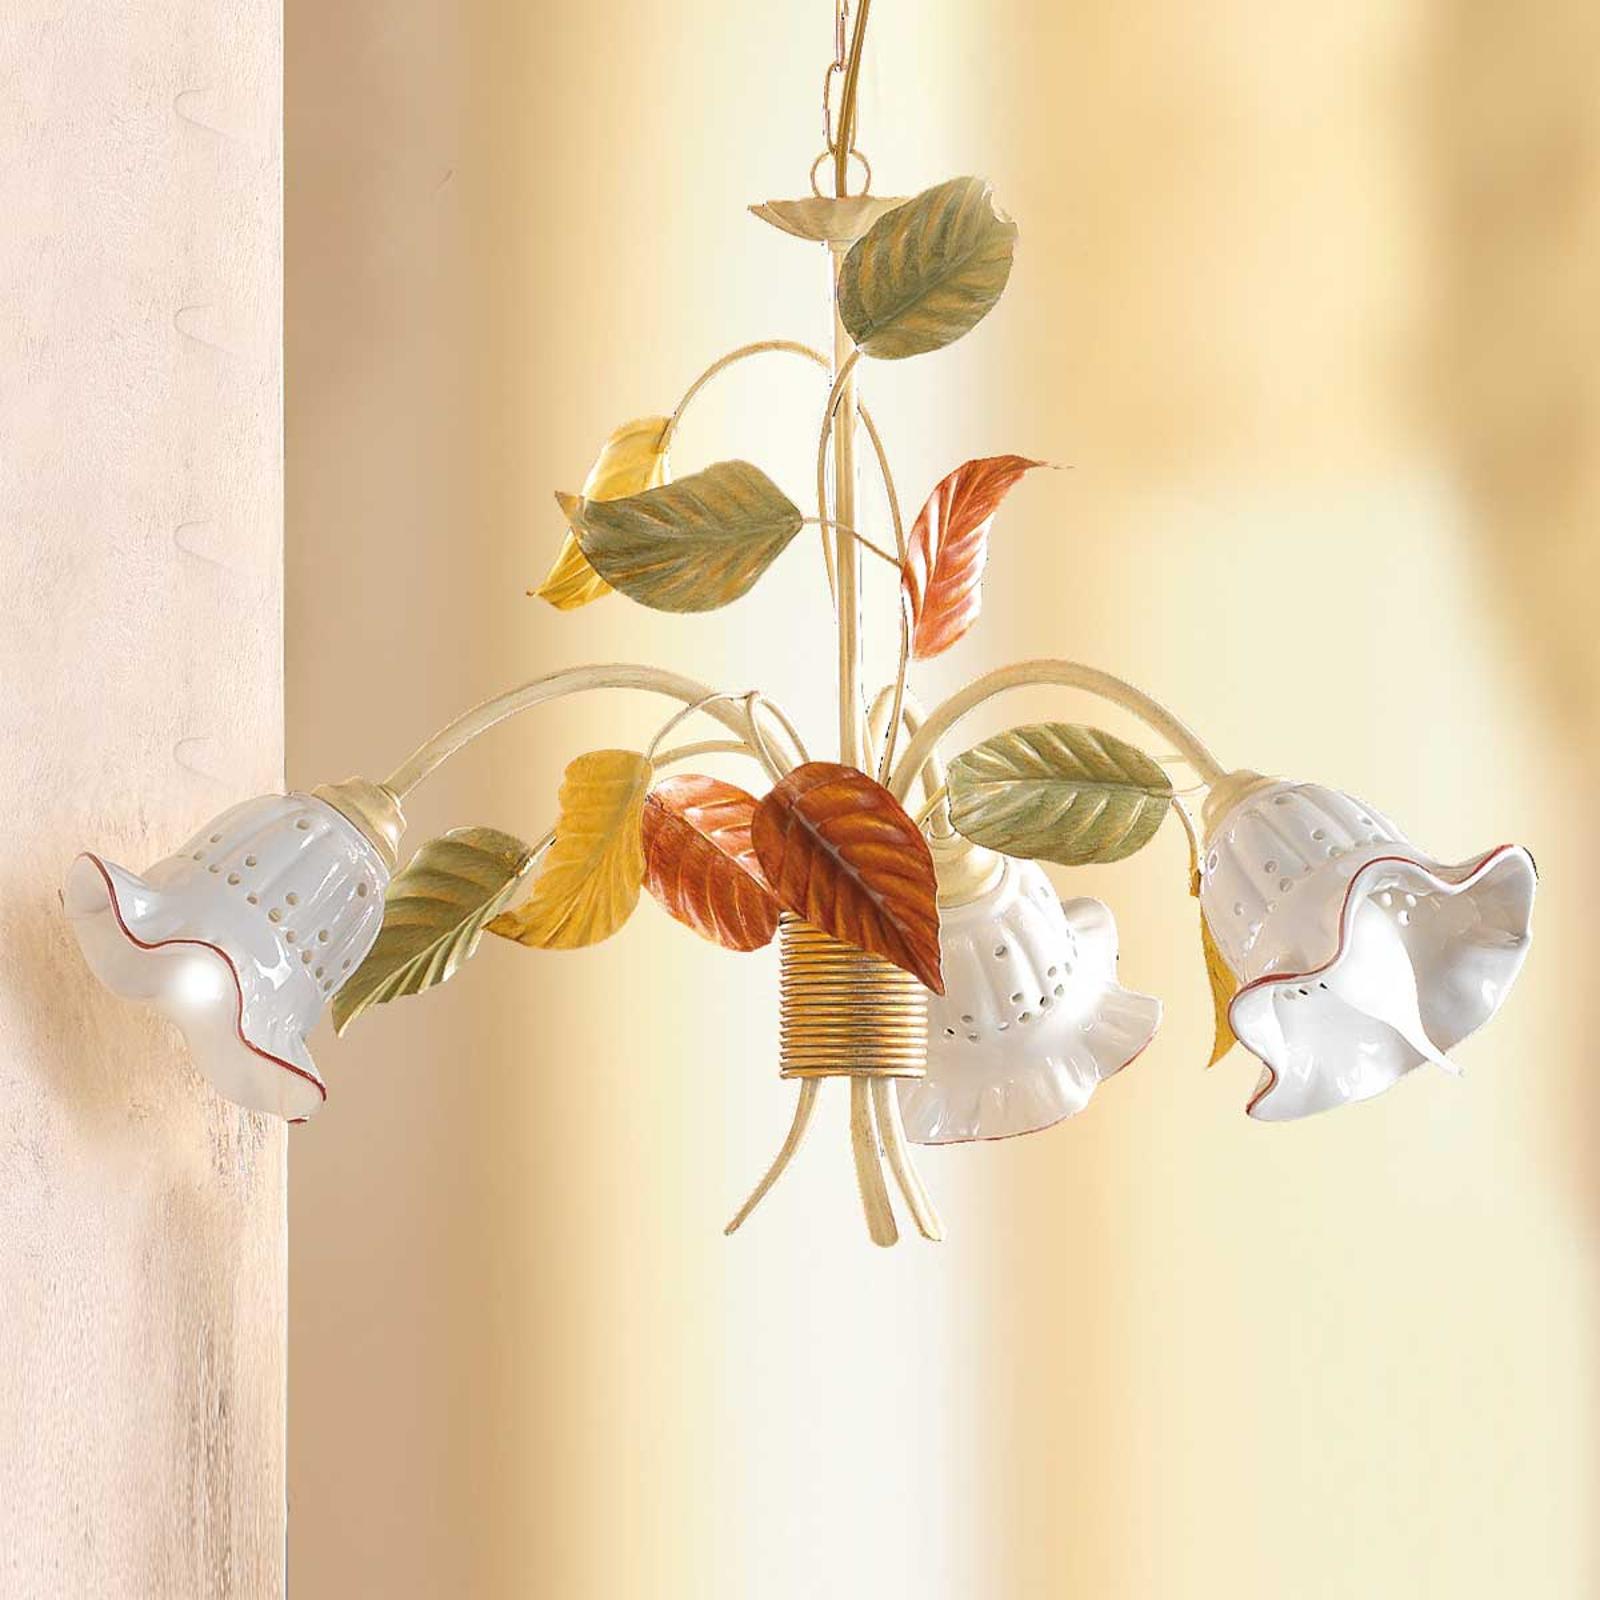 Flora hængelampe i florentinsk stil, 3 lyskilder